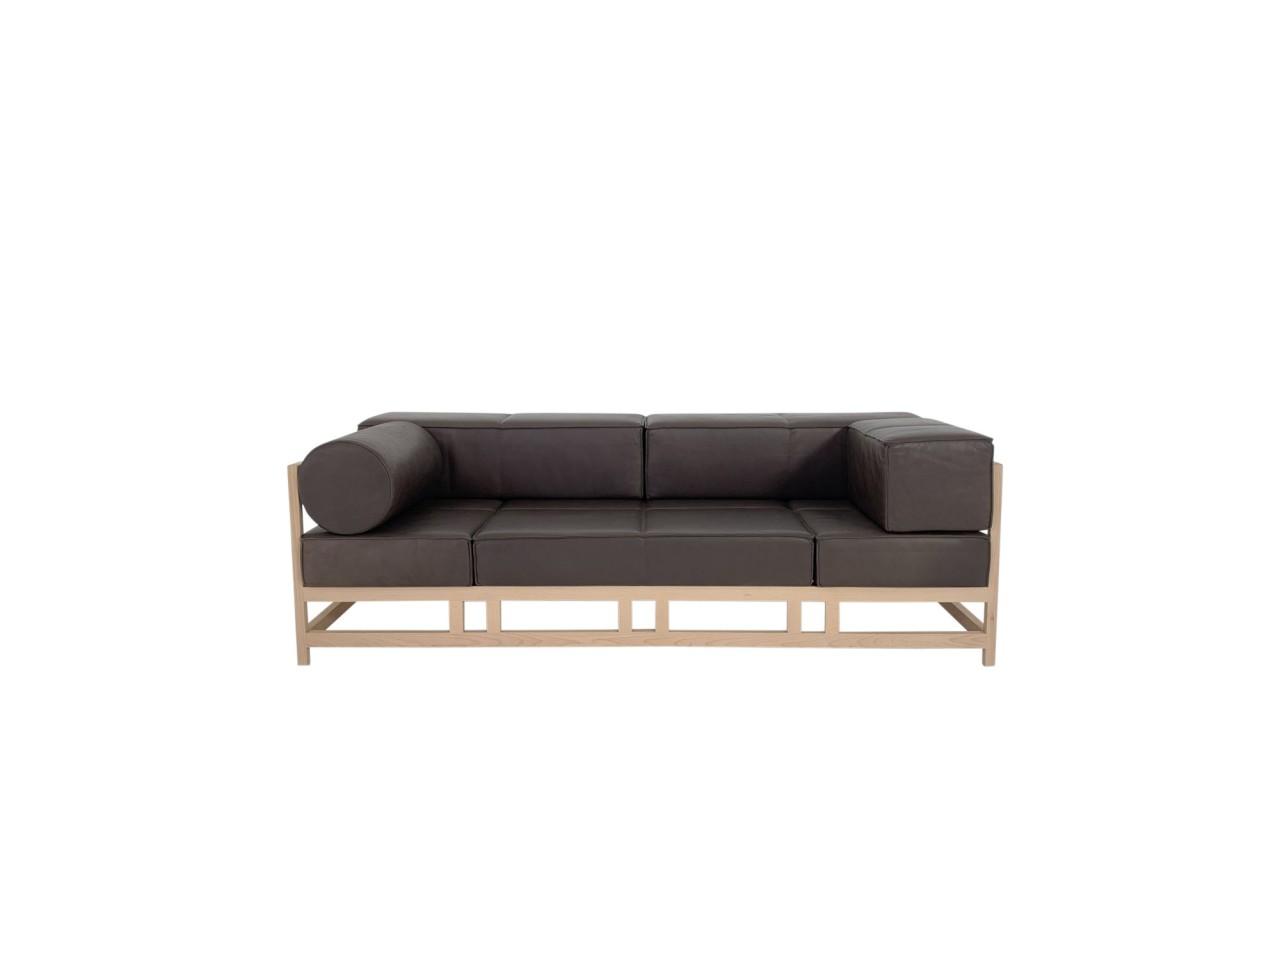 Brühl EASY PIECES WOOD Sofa in OLIVA Leder dunkelbraun mit Gestell in Buche hell geweißt